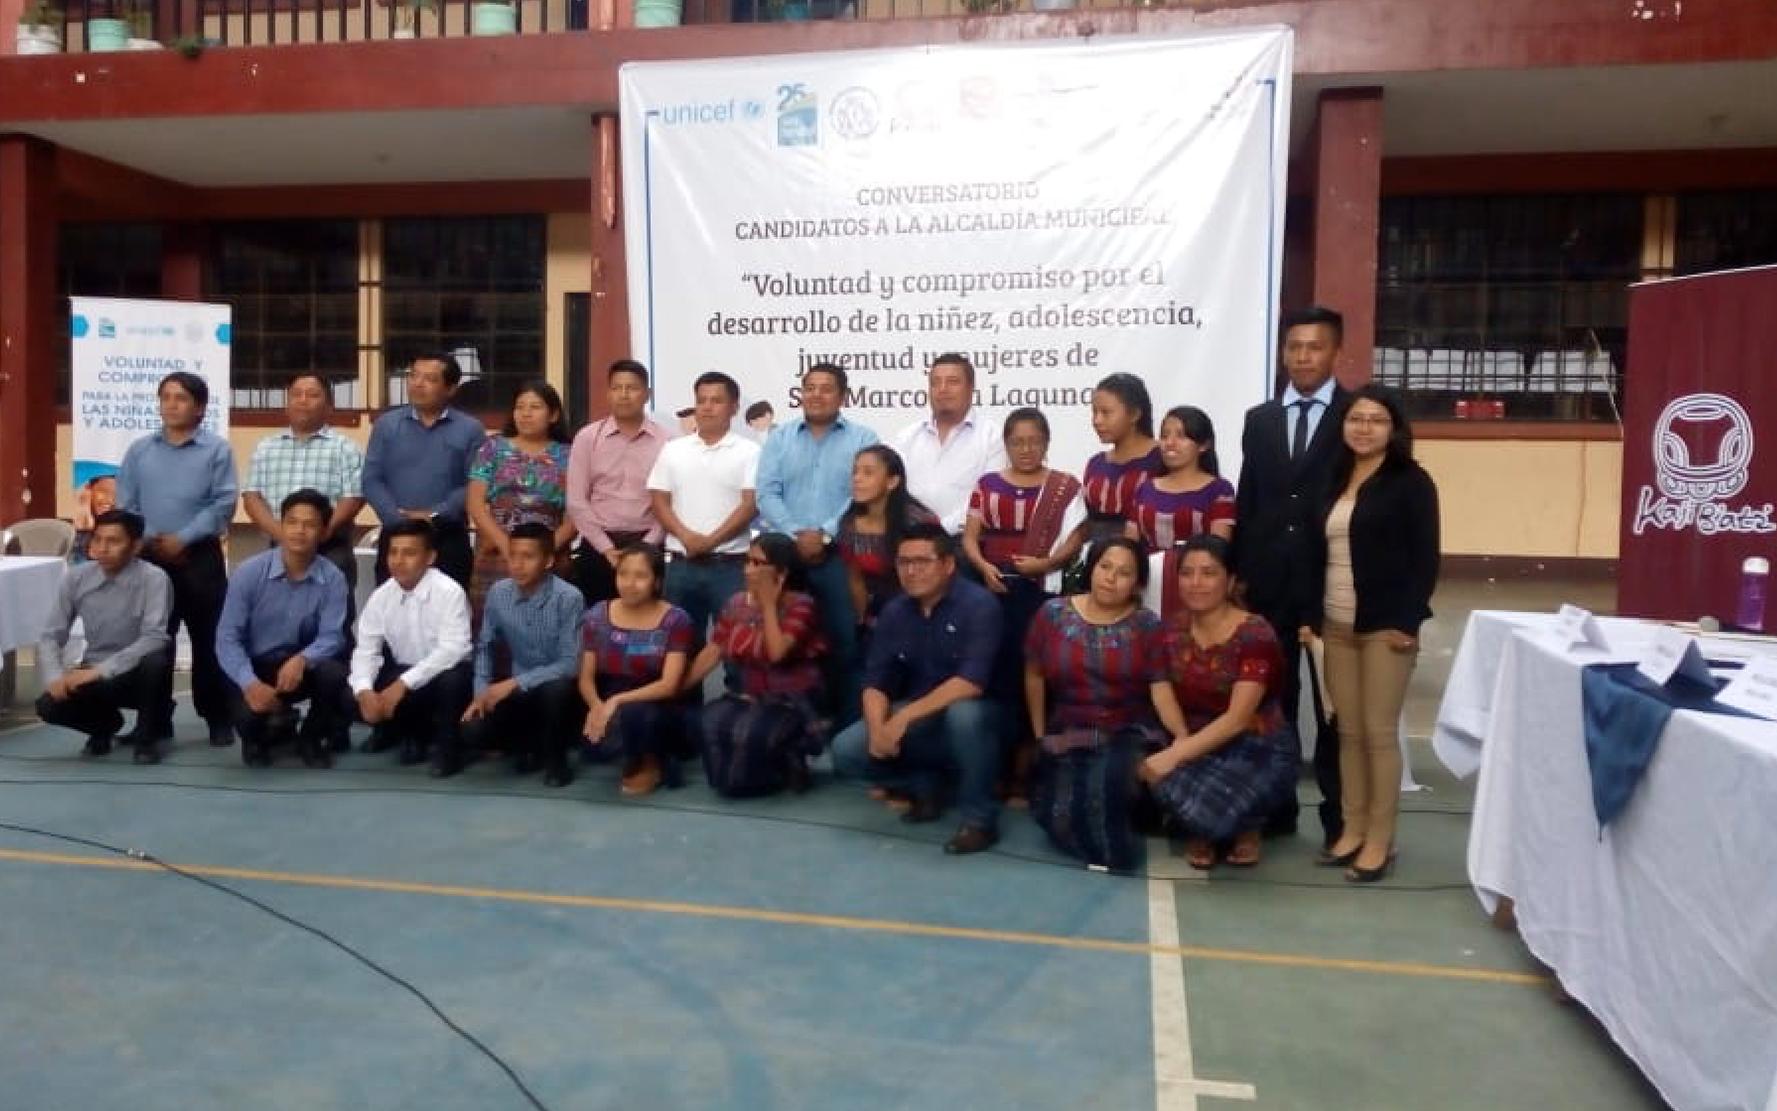 Resultados del conversatorio sobre niñez, adolescencia, juventud y mujeres con candidatos a la alcaldía de San Marcos La Laguna